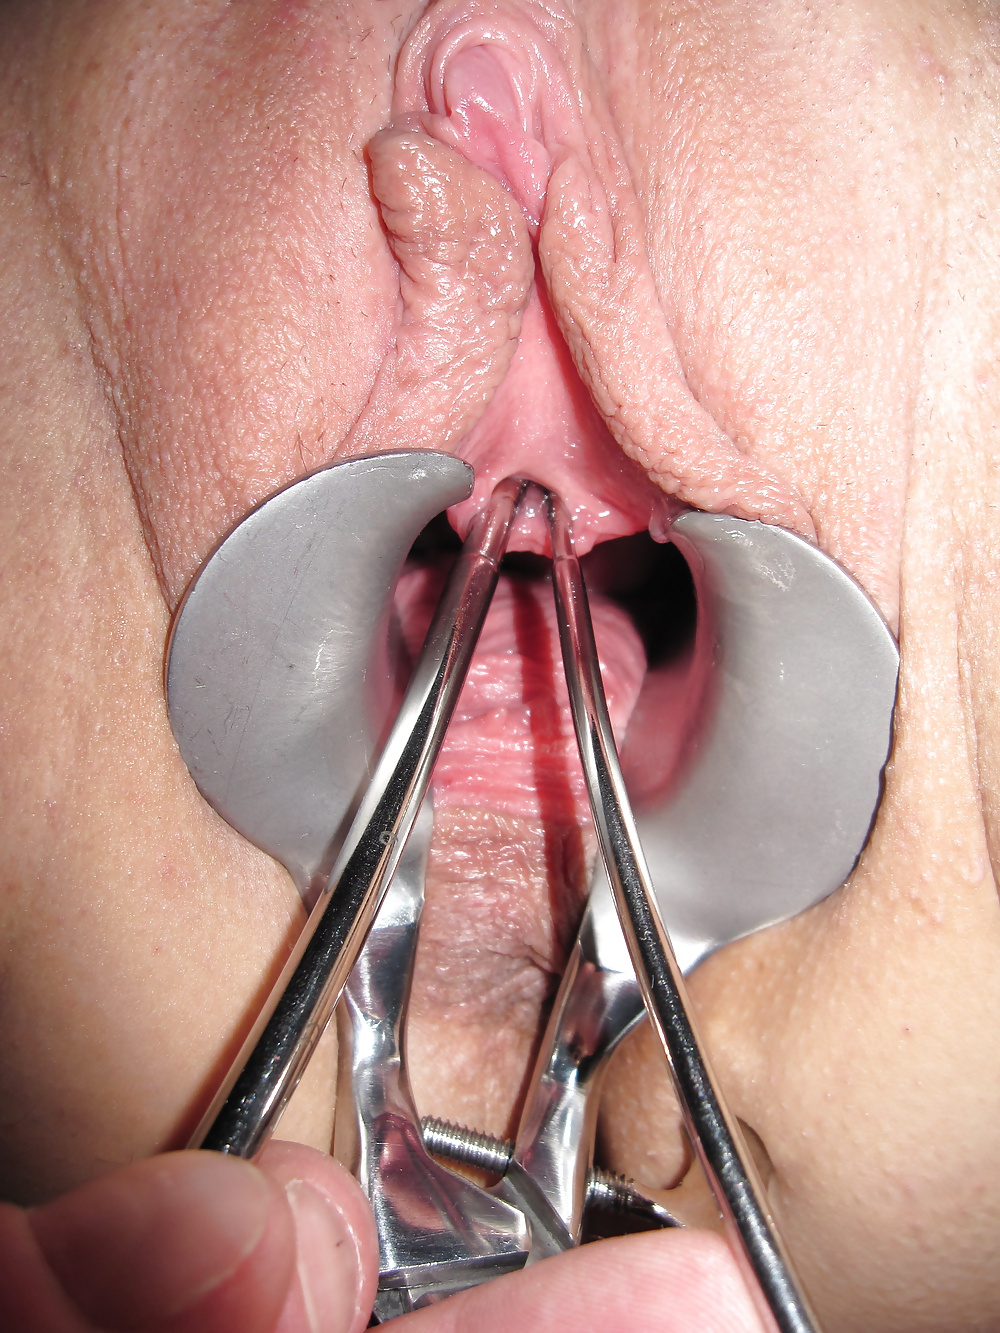 Фото женской уретры порно, жена дала другу в попку